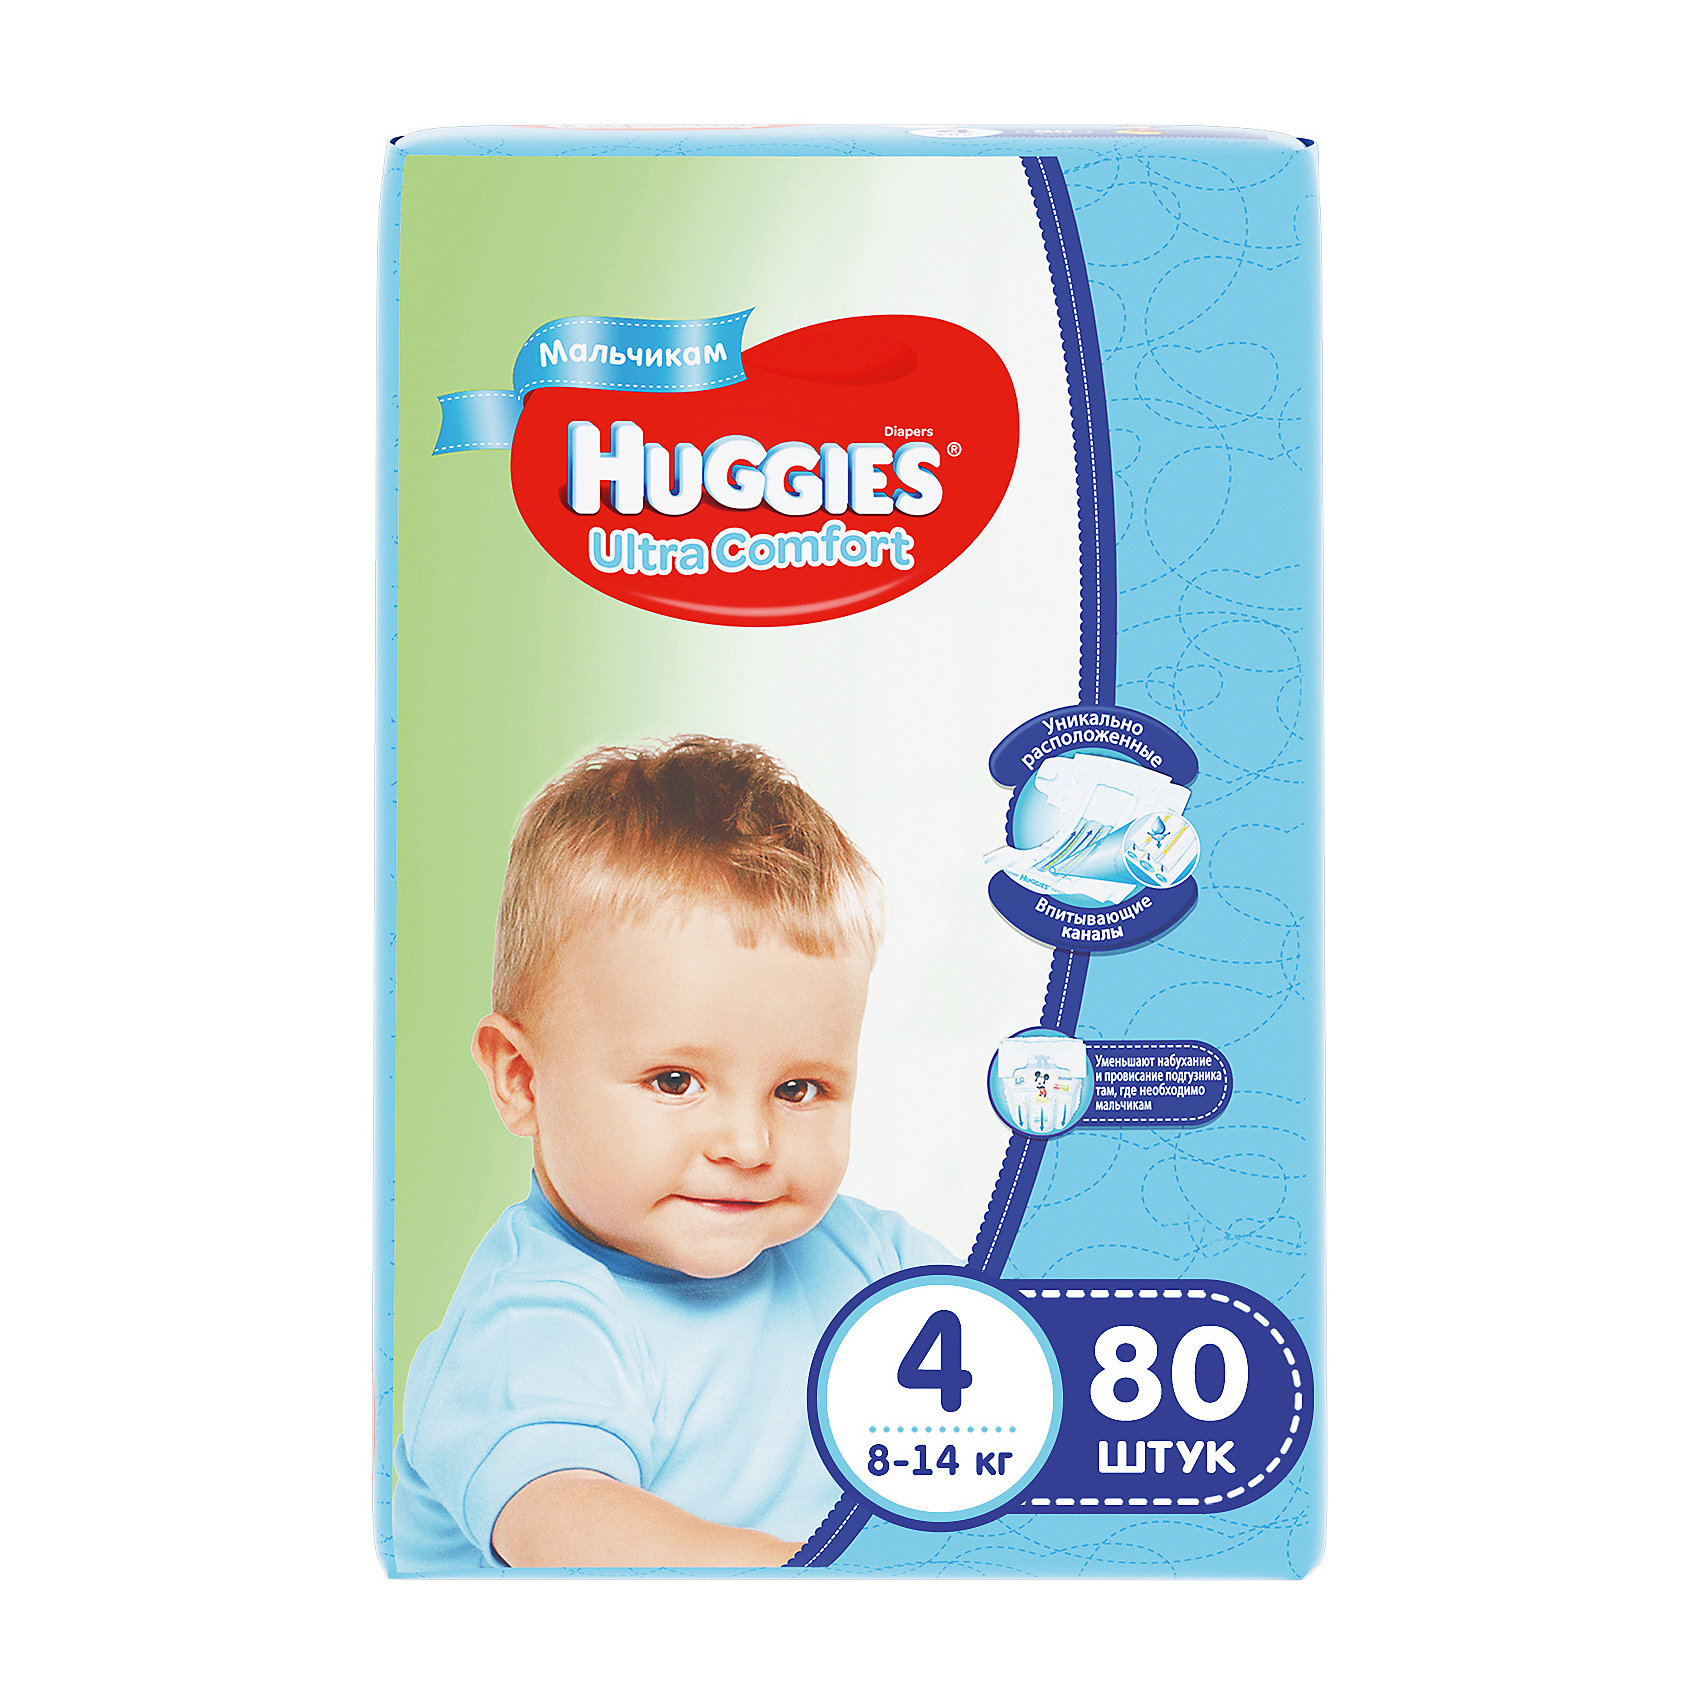 HUGGIES Подгузники Huggies Ultra Comfort для мальчиков Giga Pack (4) 8-14 кг, 80 шт. huggies подгузники huggies ultra comfort для девочек giga pack 4 8 14 кг 80 шт